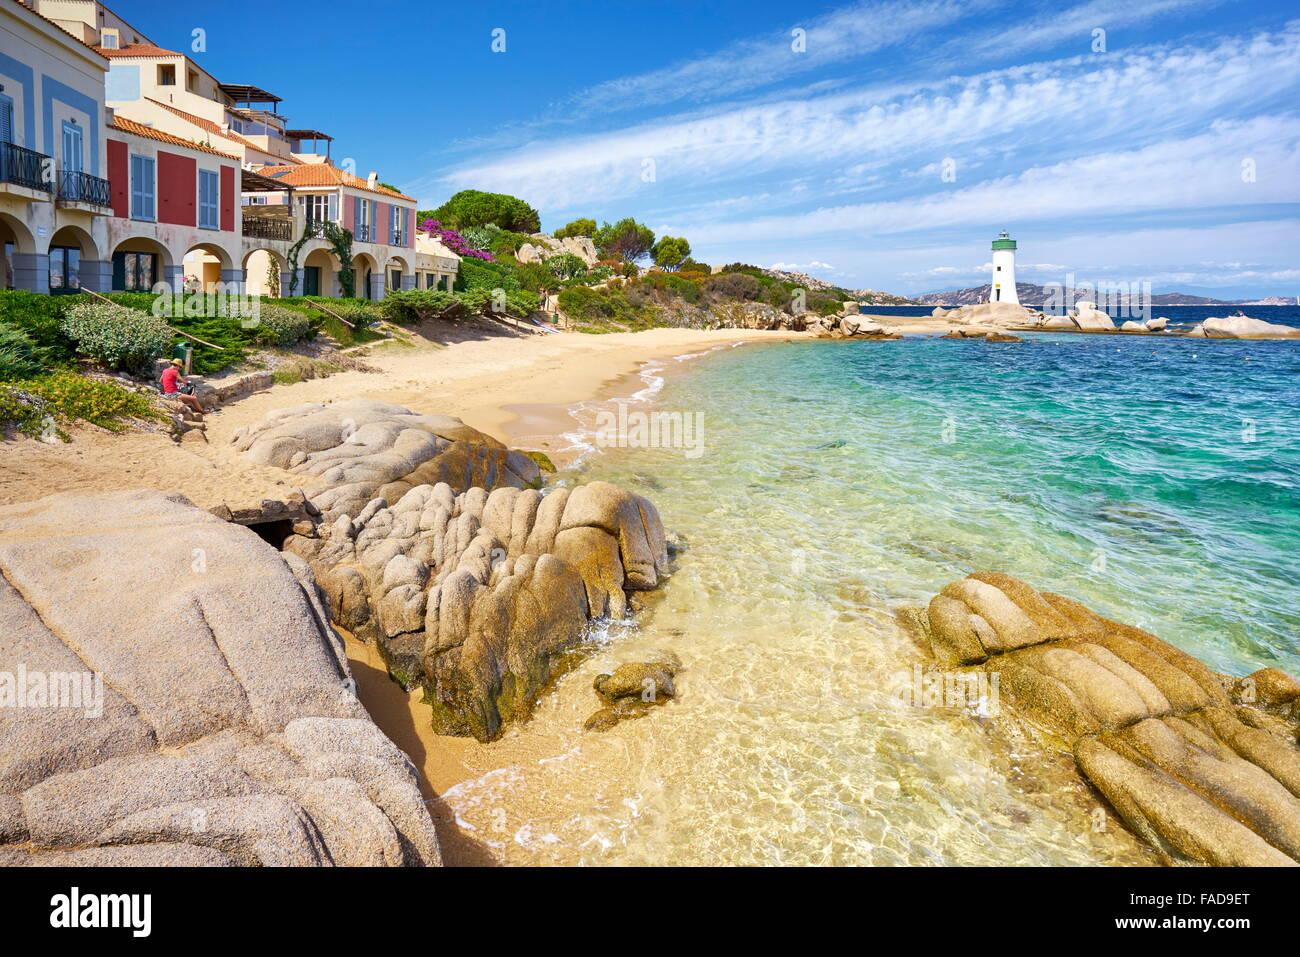 Palau Beach, Costa Smeralda, Sardinia Island, Italy - Stock Image